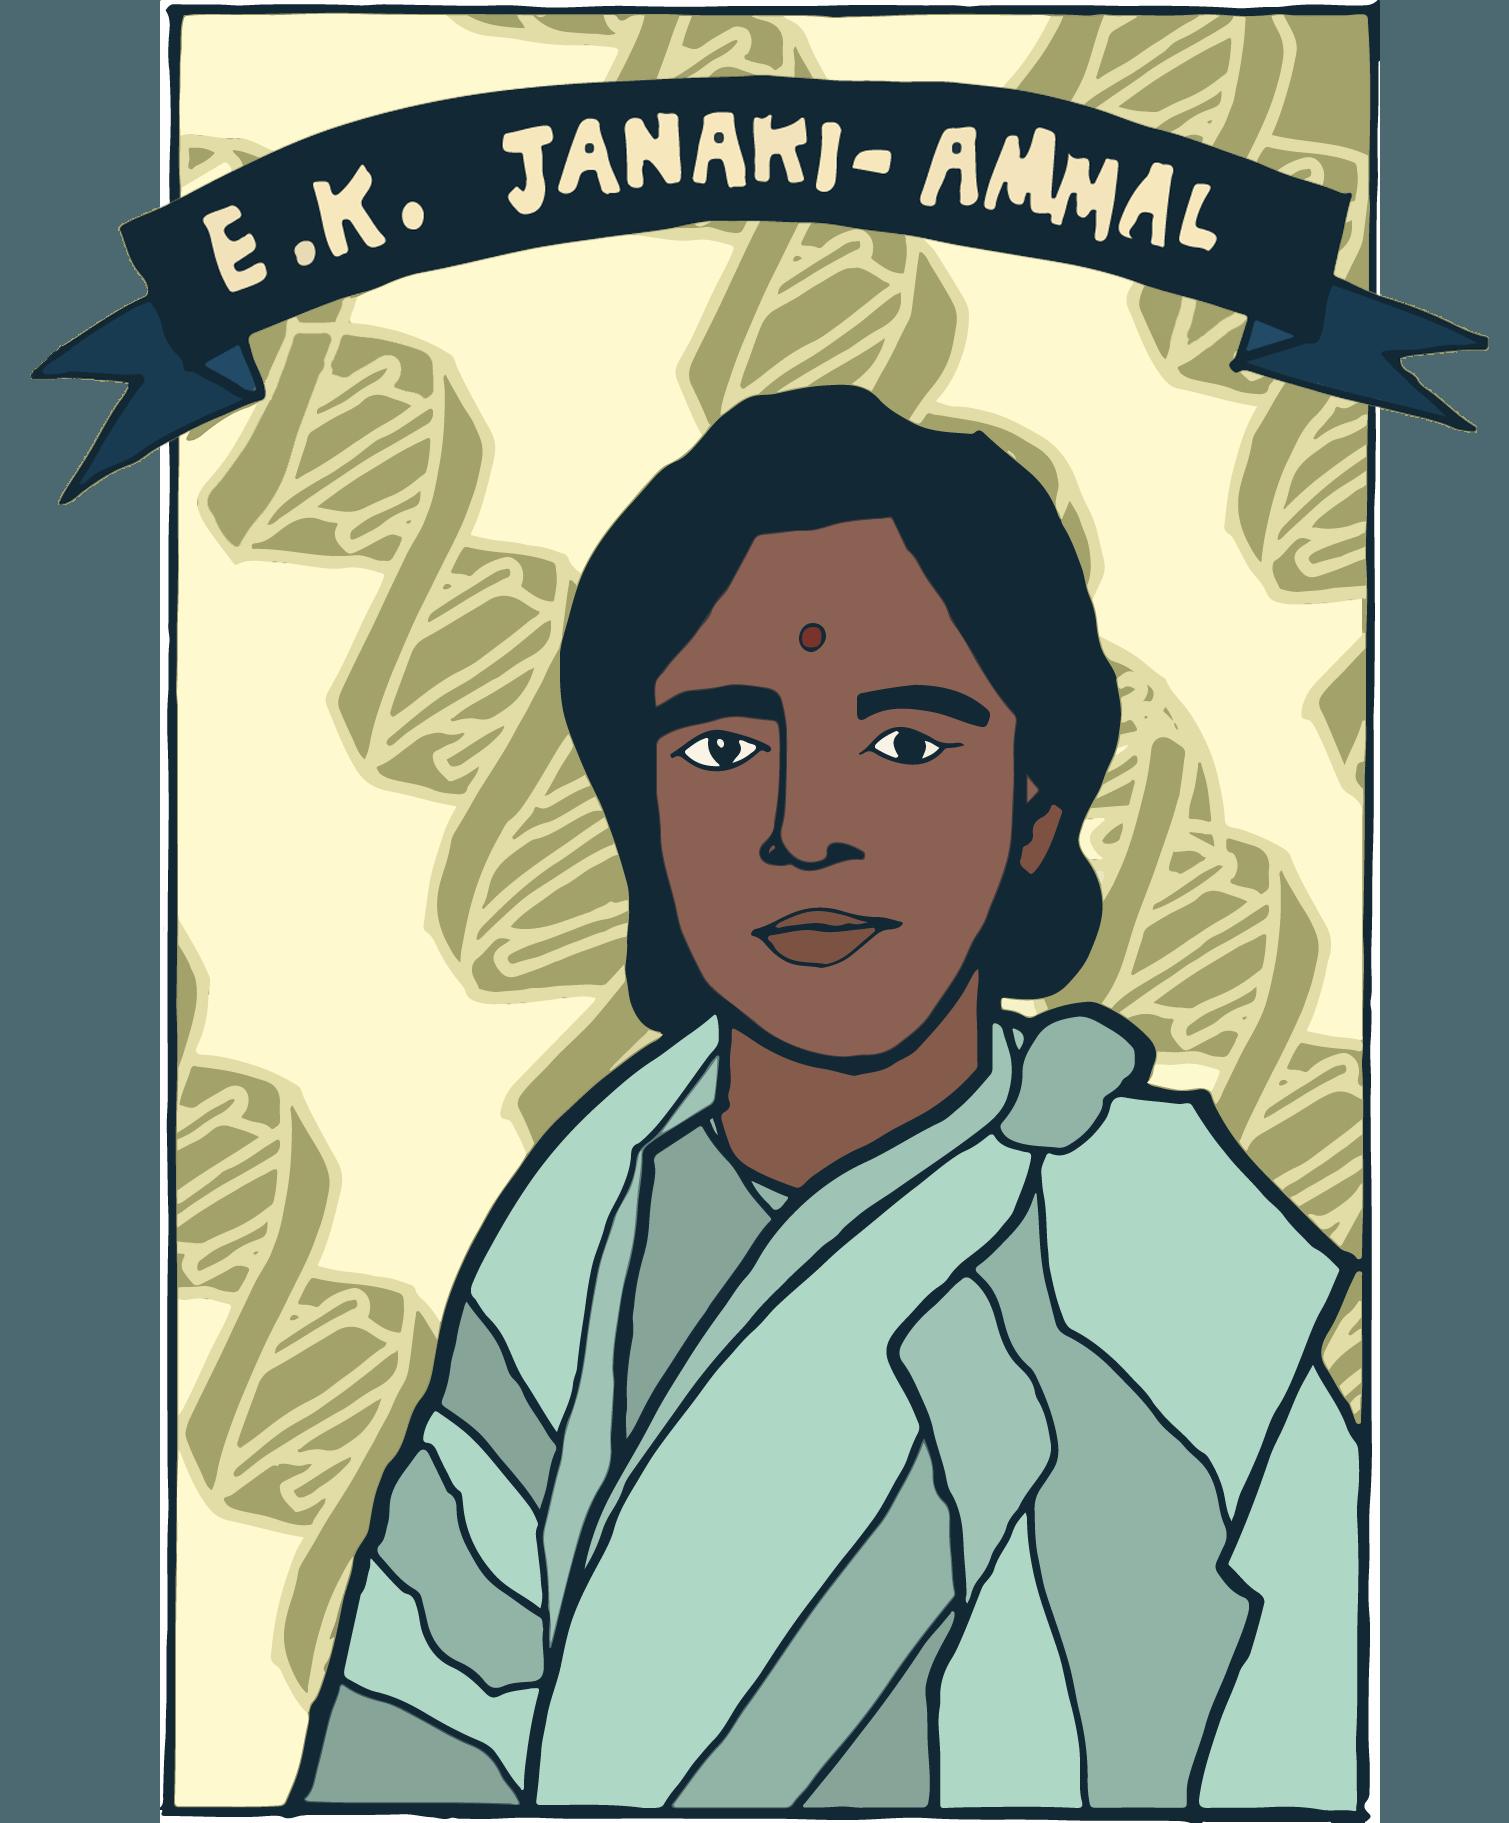 E.K. Janaki-Ammal